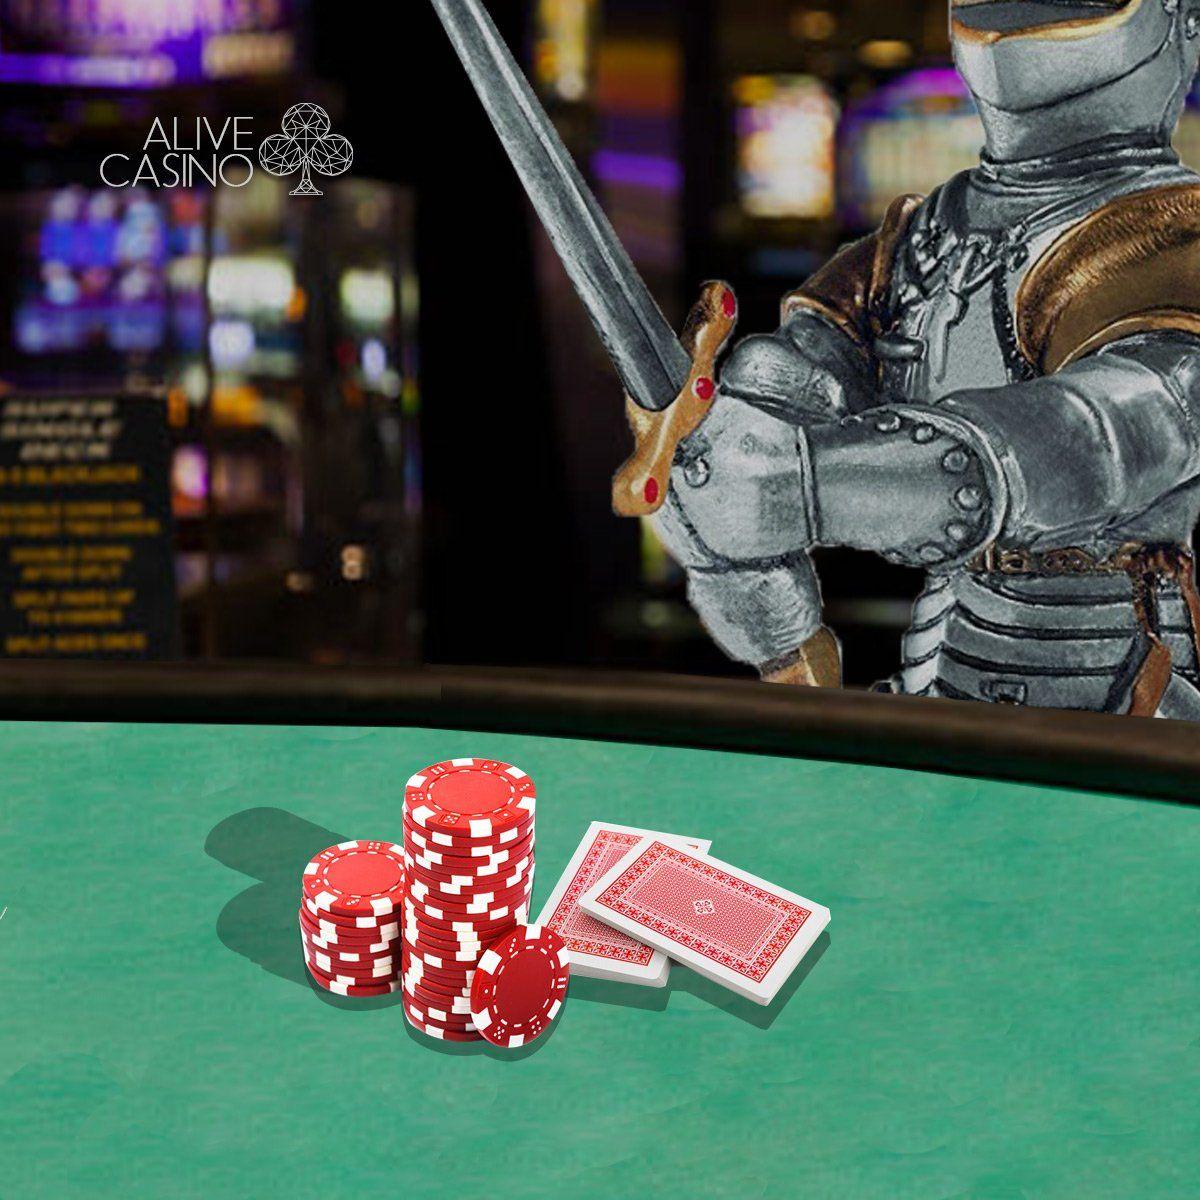 games game gambling alive